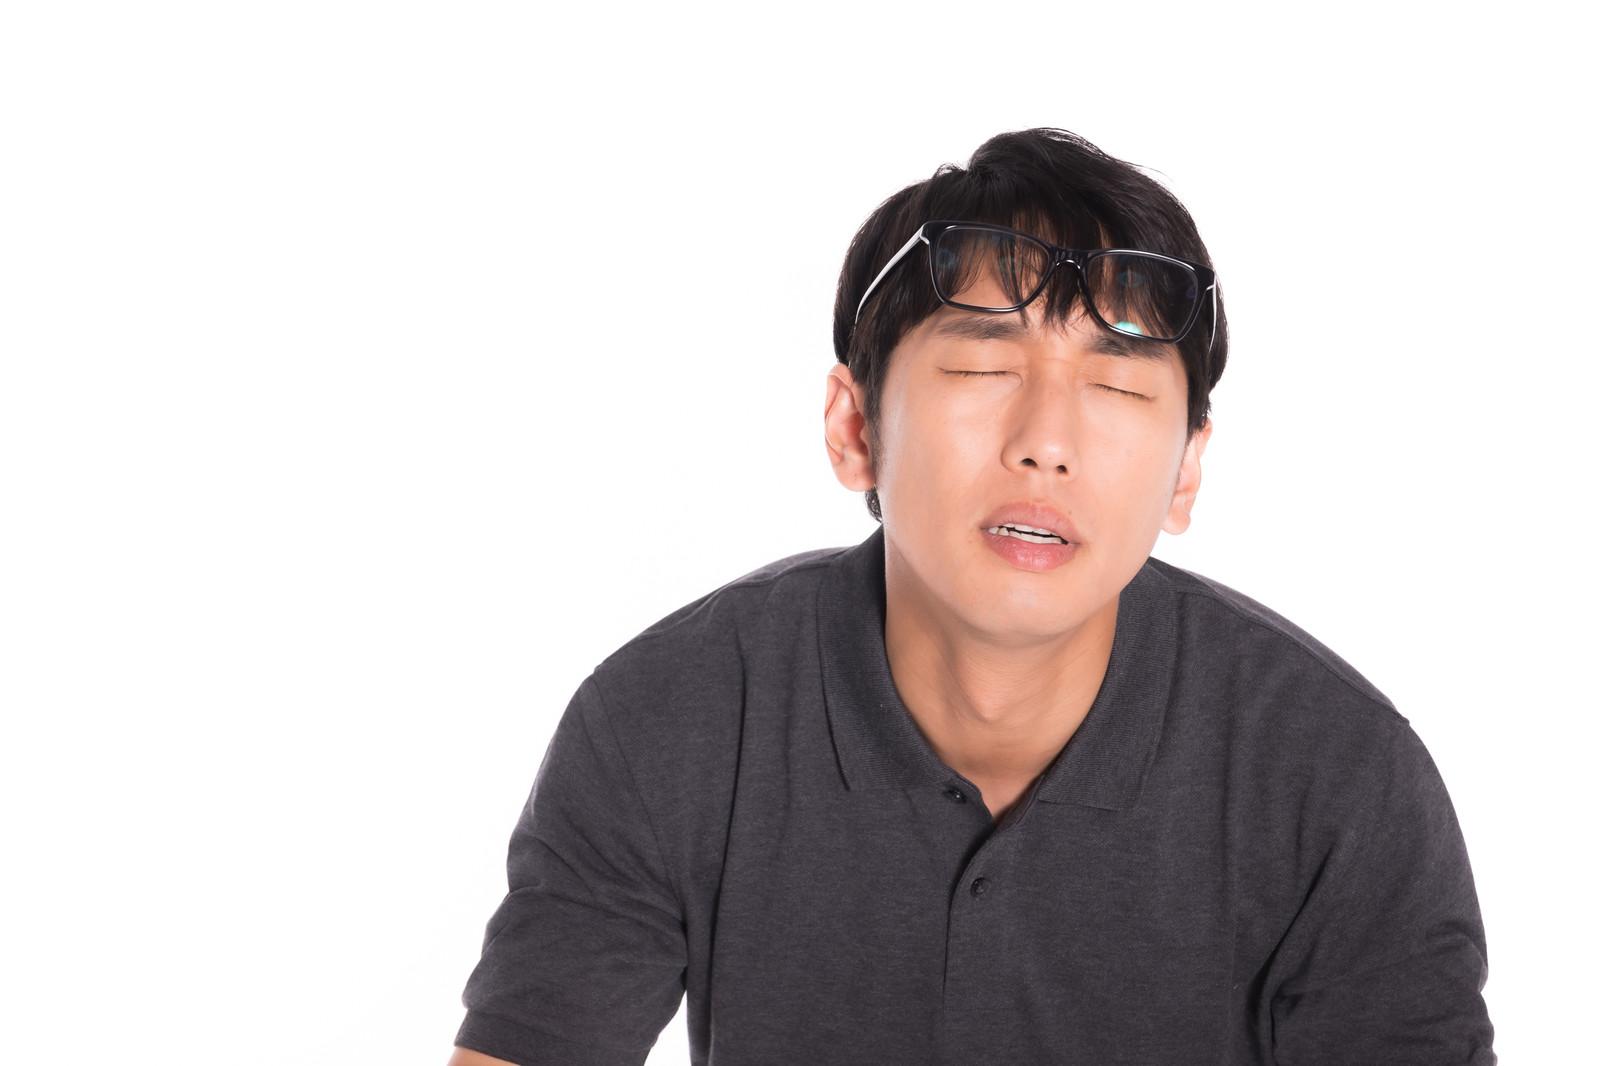 ゴロゴロダラダラしっぱなしはむしろ疲労回復が遅くなるってご存知でした?